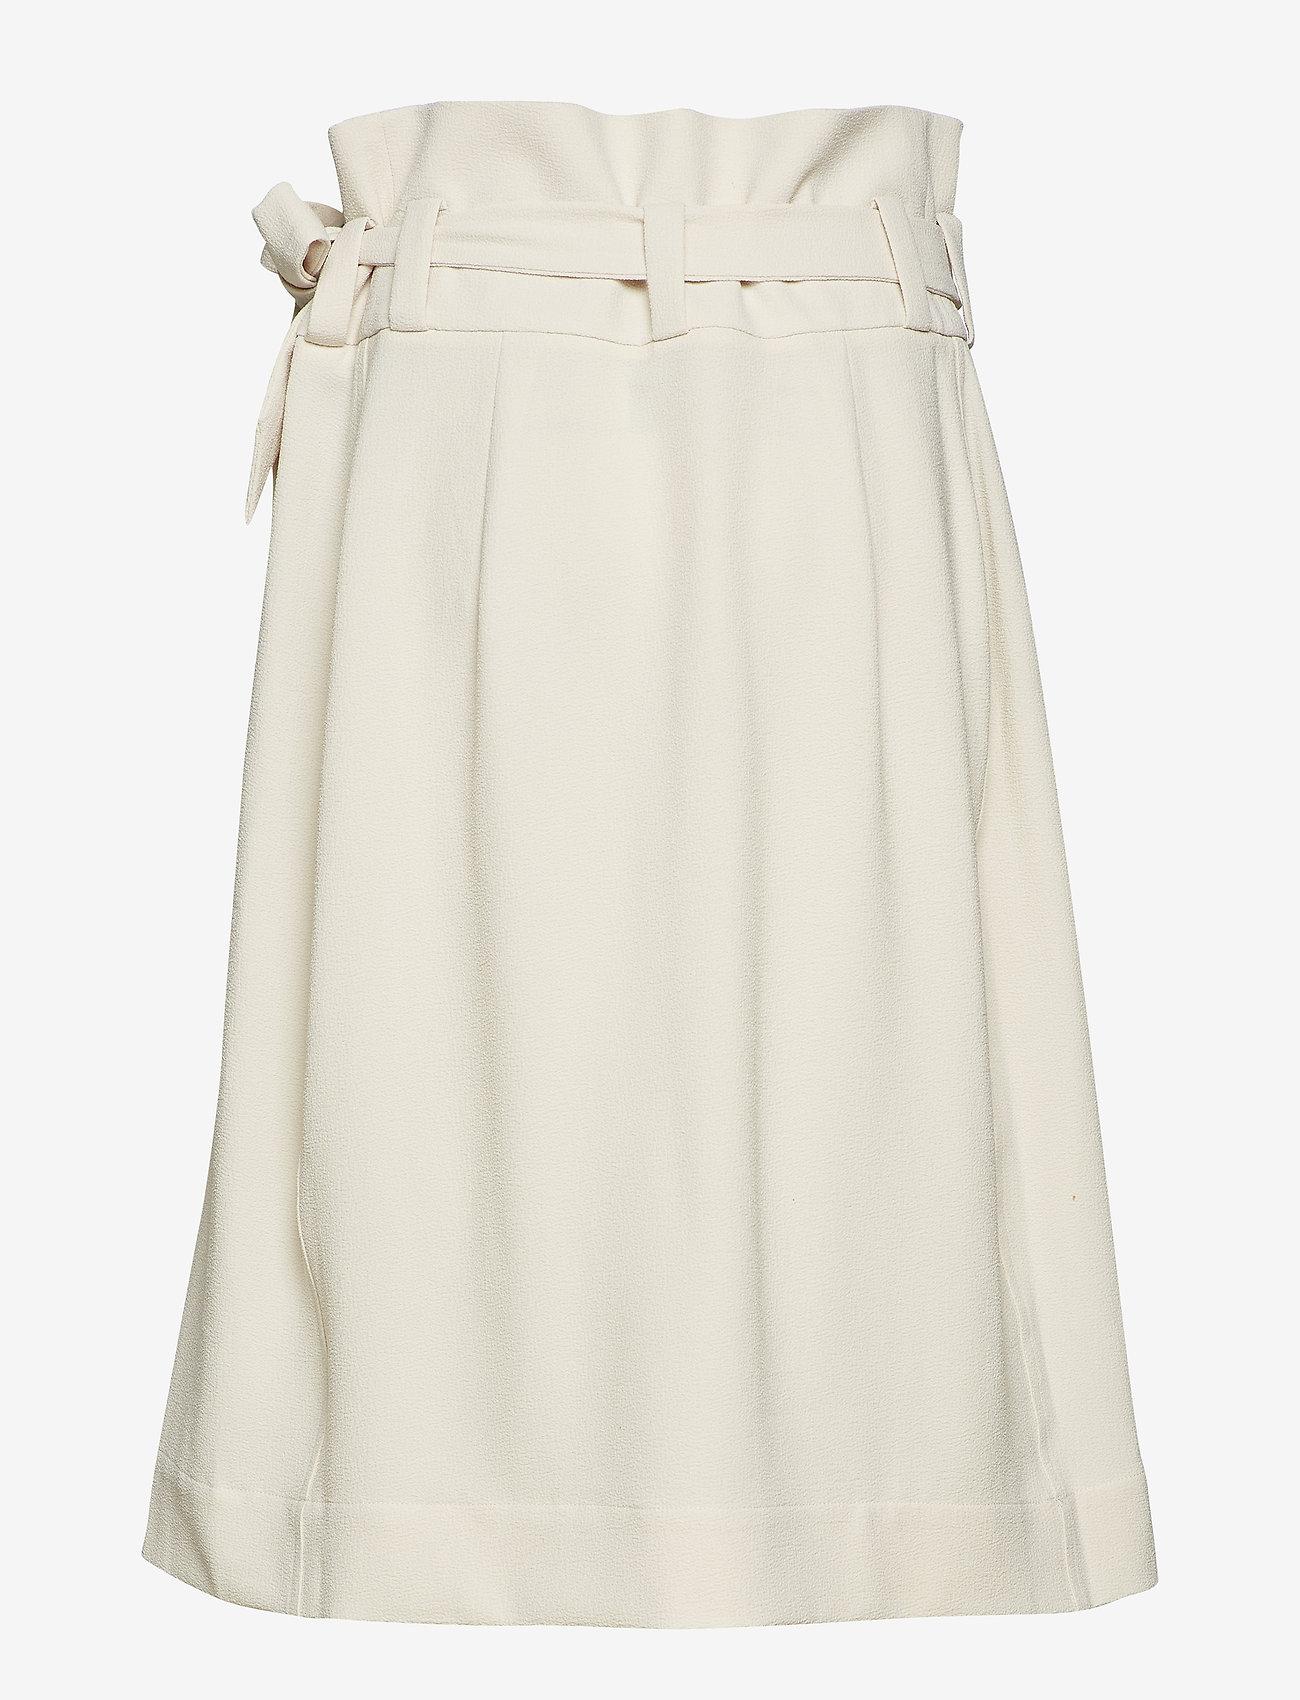 Skirt  - Cathrine Hammel